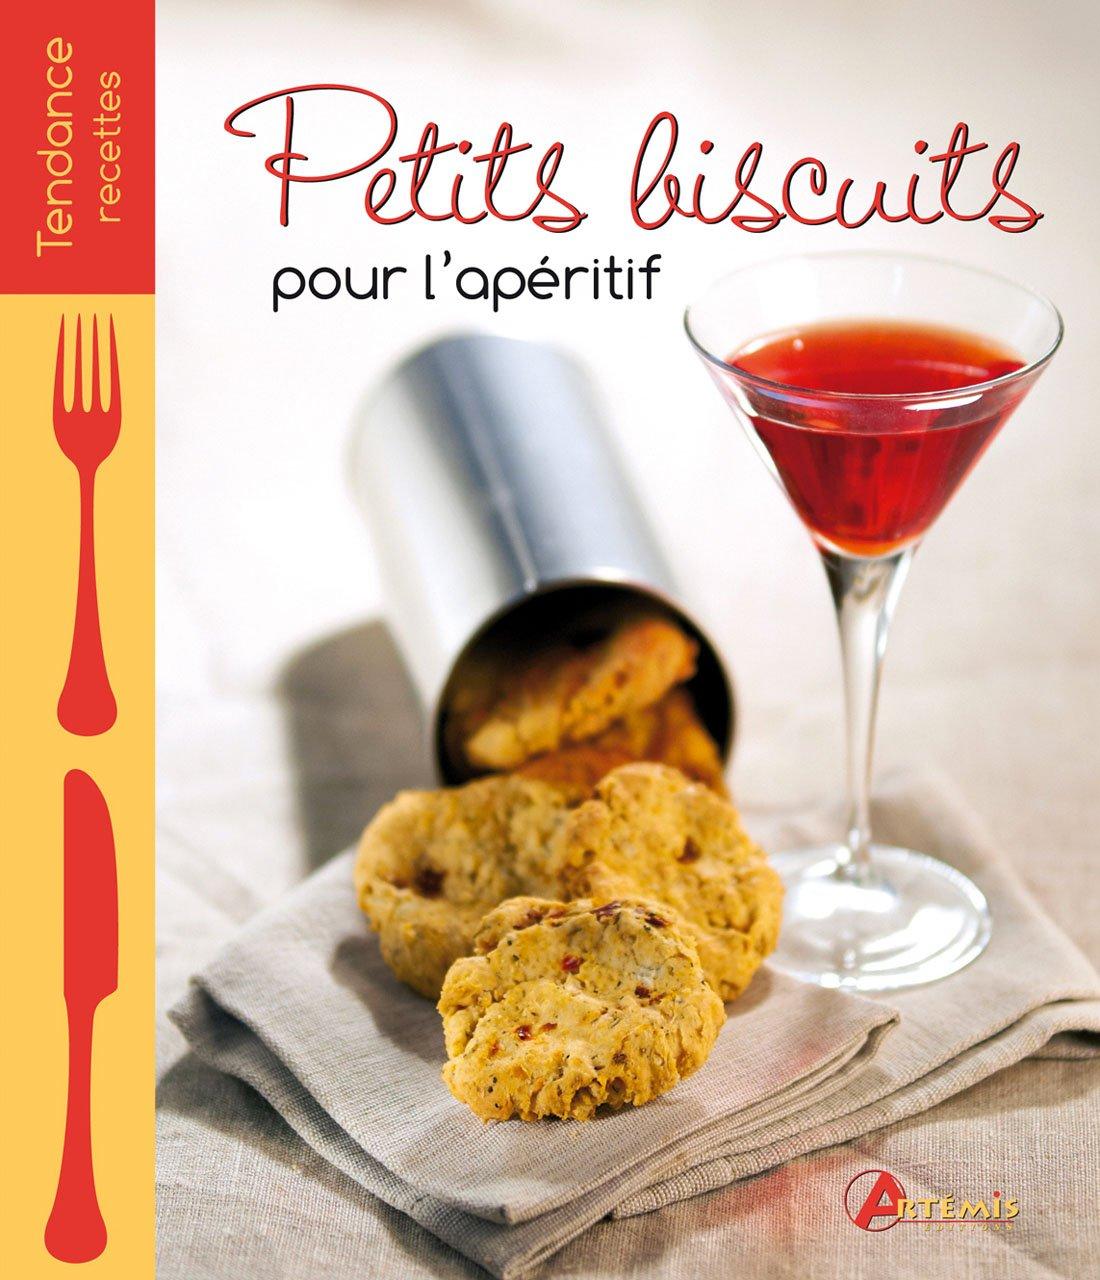 Petits biscuits pour l'apéritif